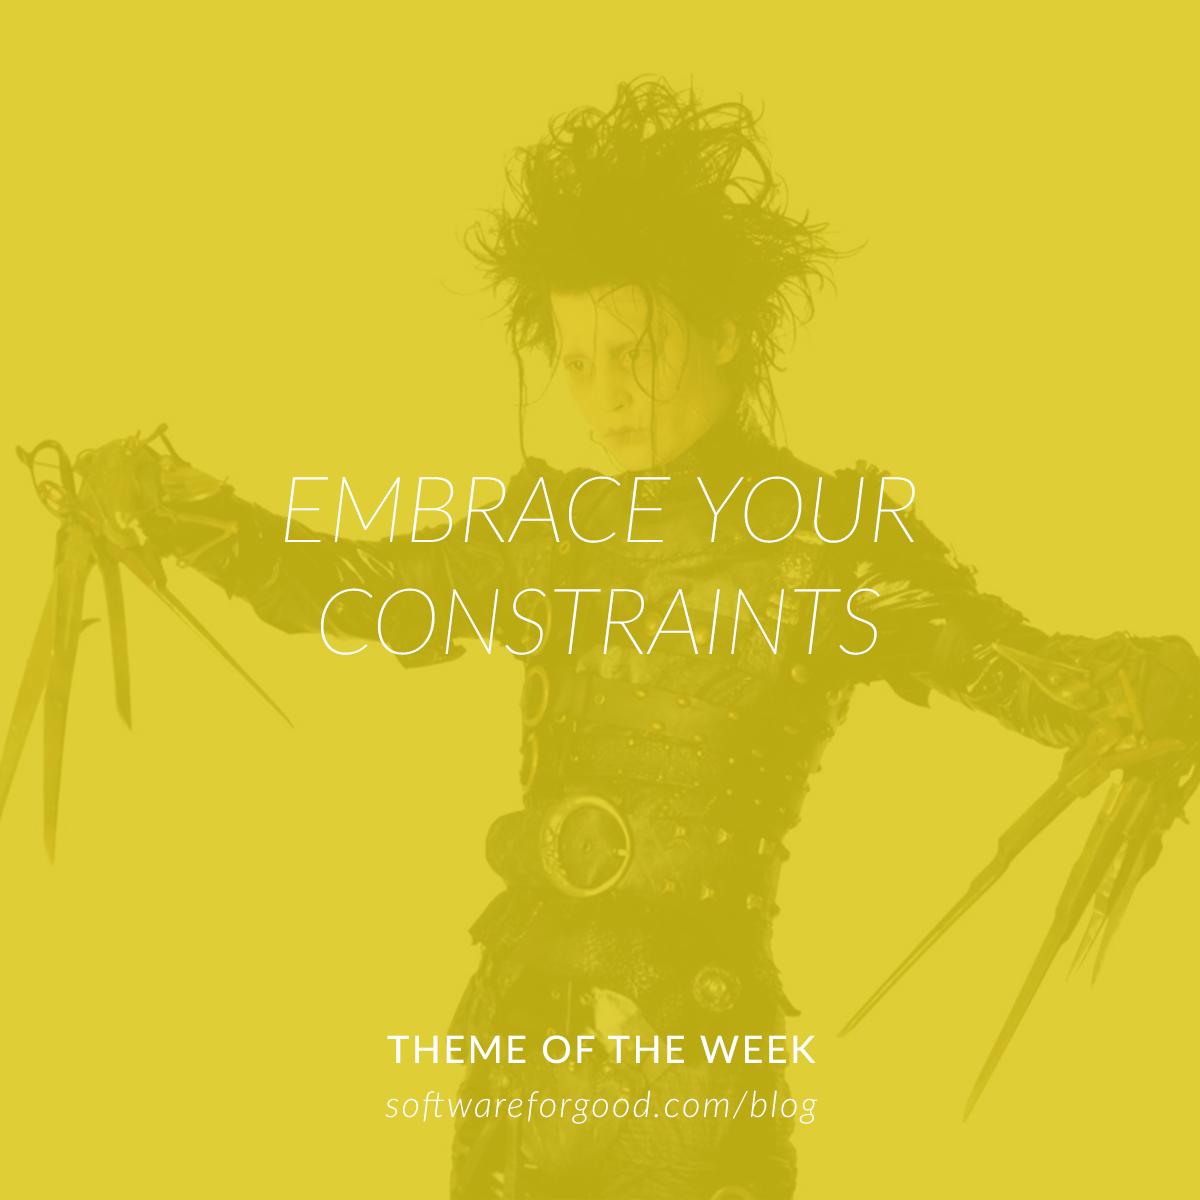 Embrace Your Constraints